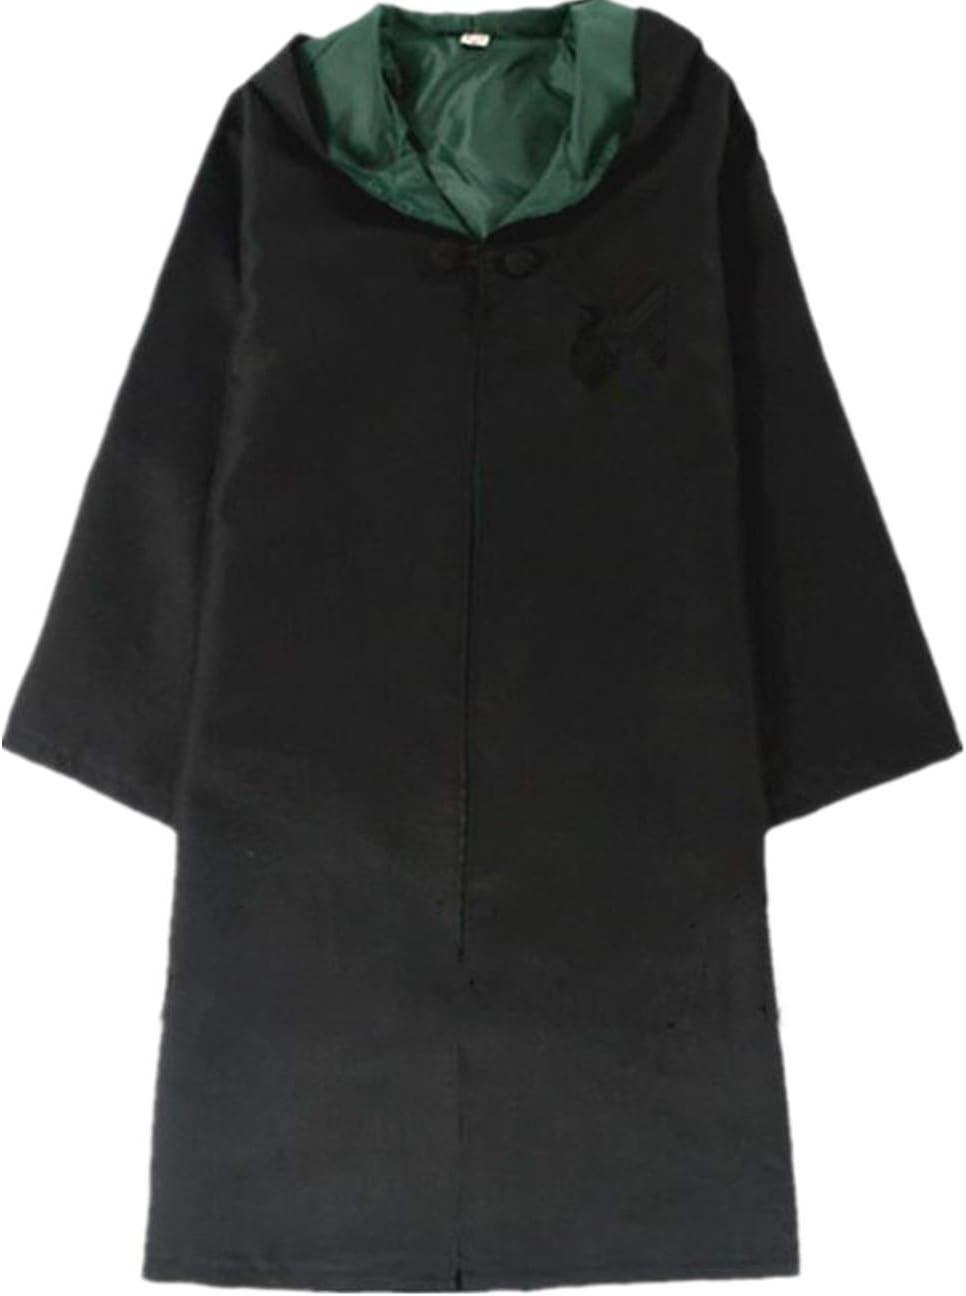 EO Disfraz de Harry Corbata de Chico mágico Disfraz Deluxe ...